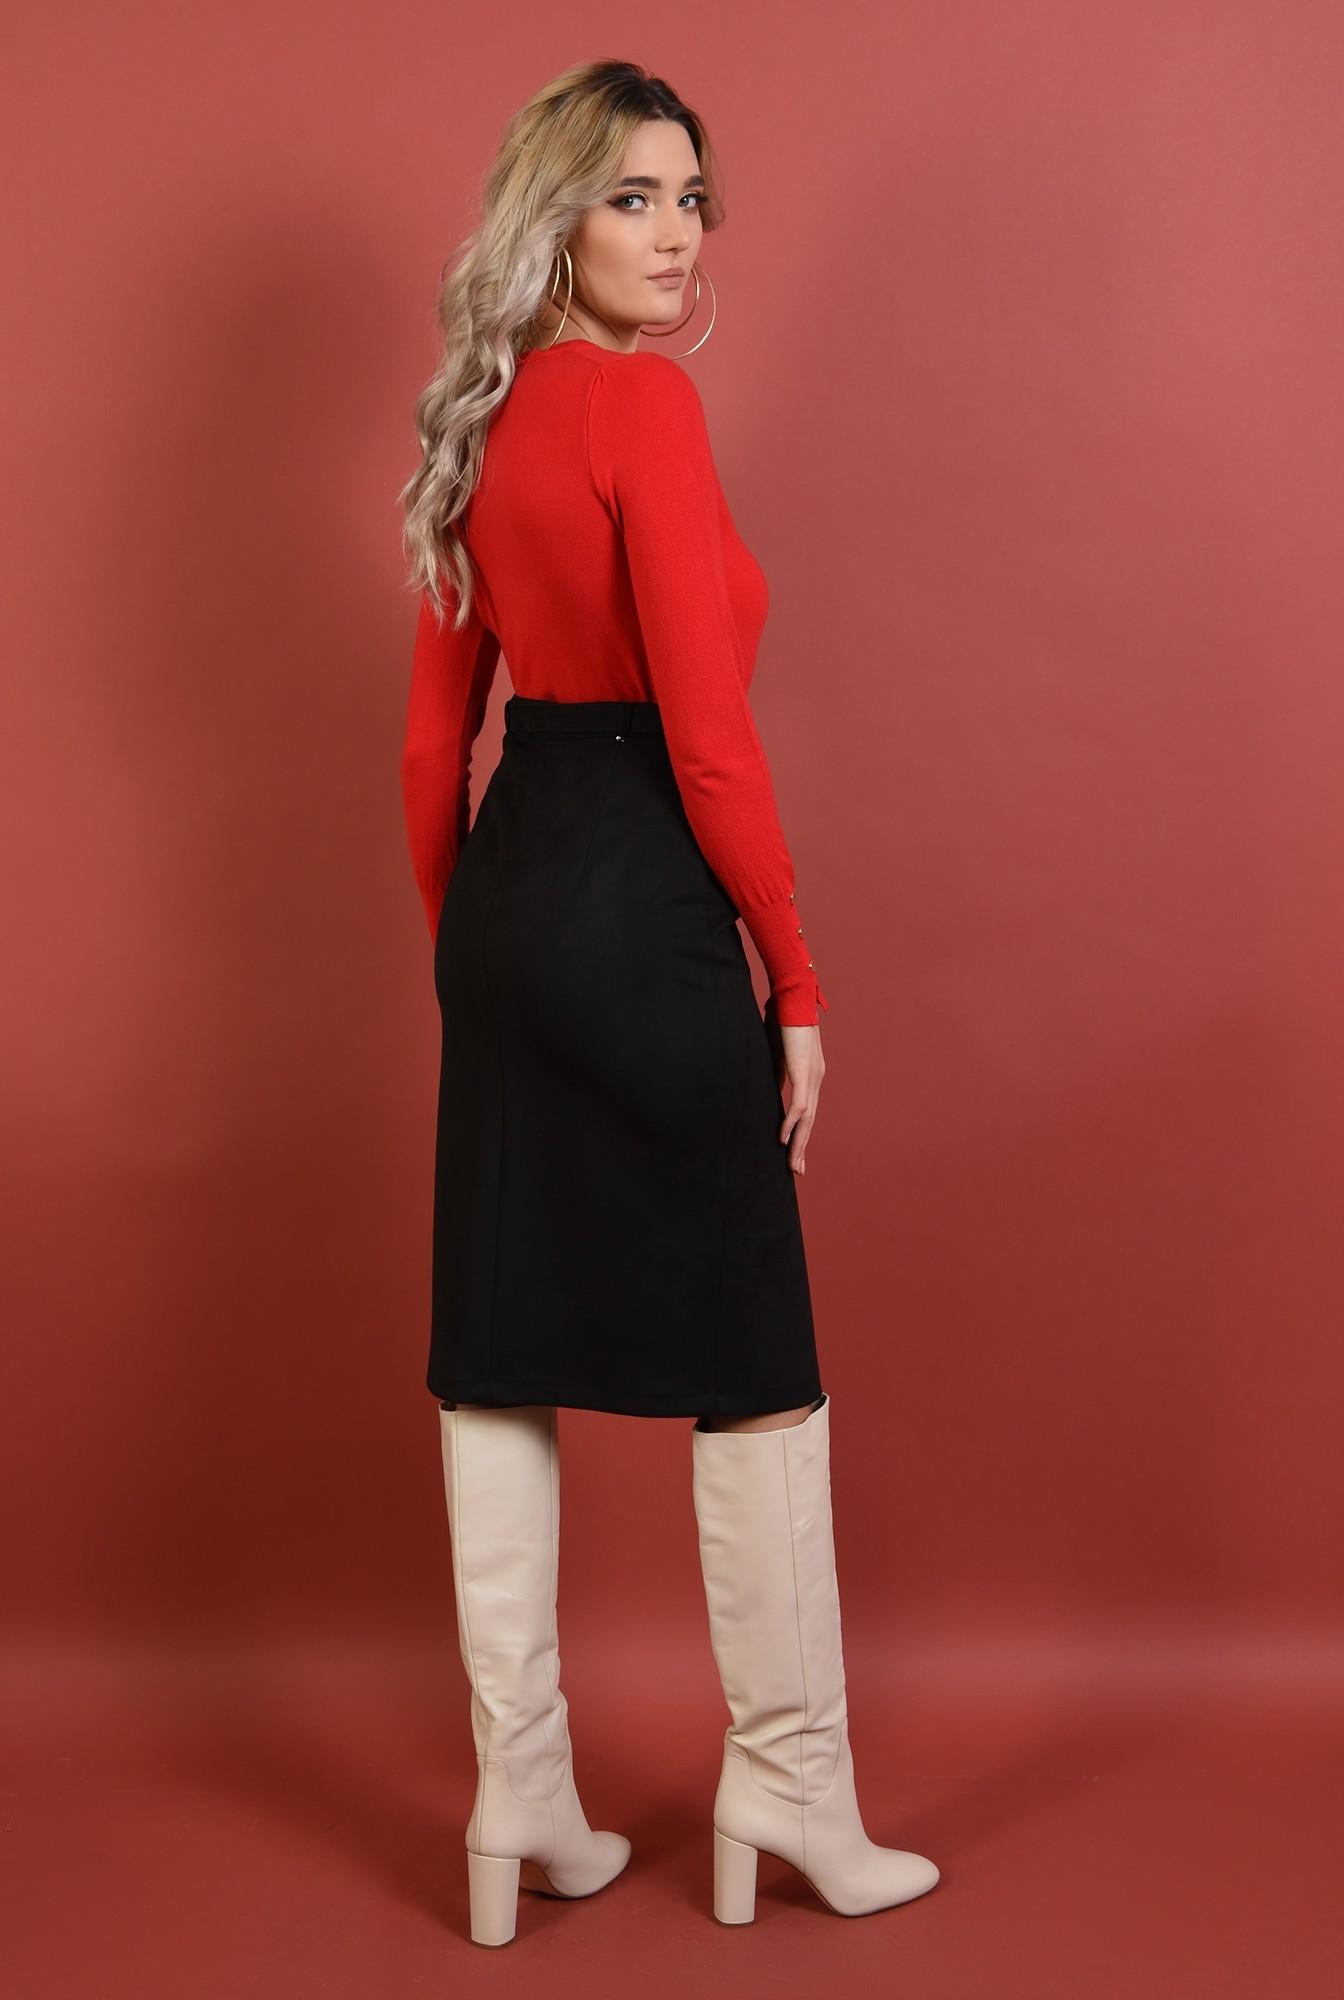 1 - pulover rosu, cu nasturi la mansete,margini reiate, rosu, Poema